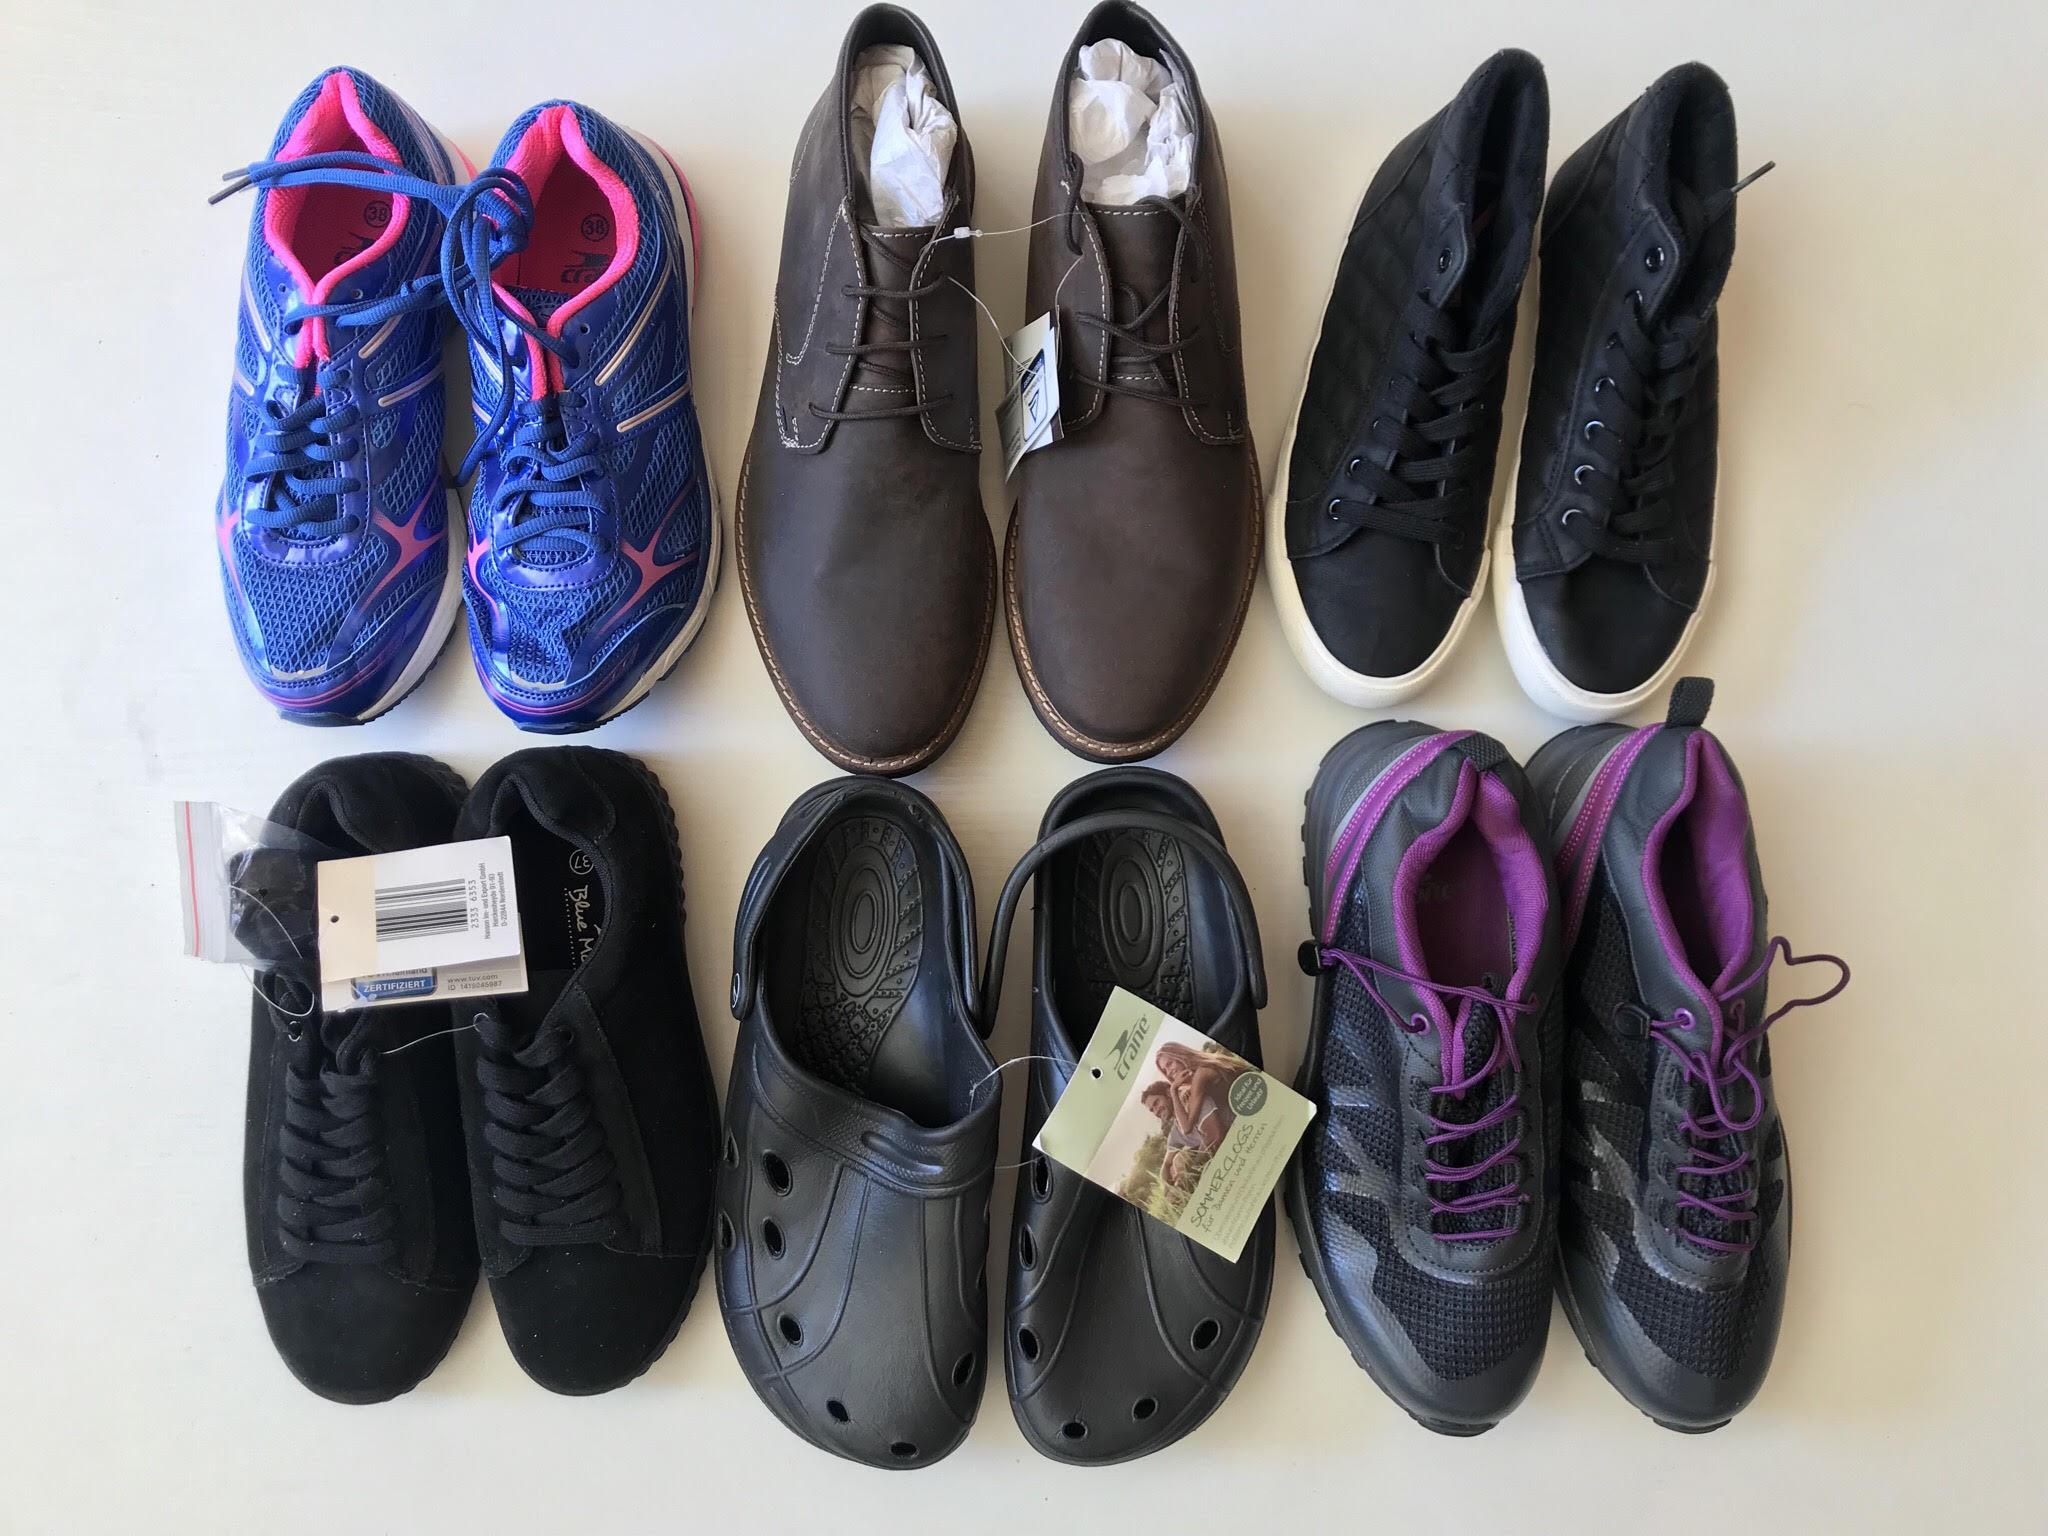 Взуття секонд-хенд CRANE весна-літо купити оптом - Товари - Одяг ... 6666d2b06905c